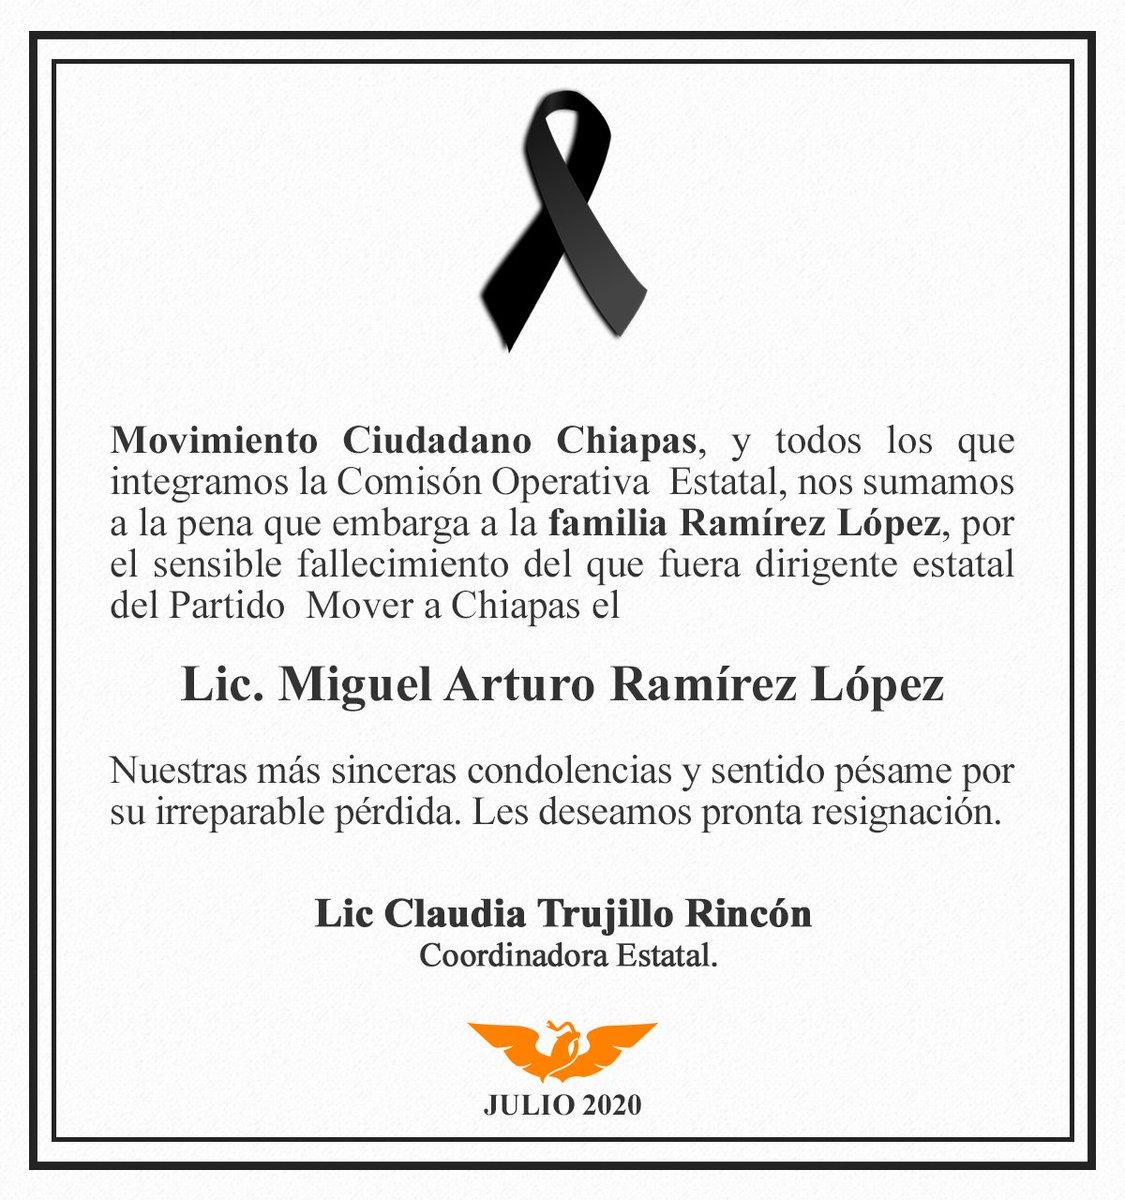 Nos sumamos a la pena que embarga a la familia Ramírez López, por el sensible fallecimiento del que fuera dirigente estatal del Partido  Mover a Chiapas el Lic. Miguel Arturo Ramírez López. Nuestro más sentido pésame y pronta resignación. #QDEP https://t.co/Ti3nlMqwkx